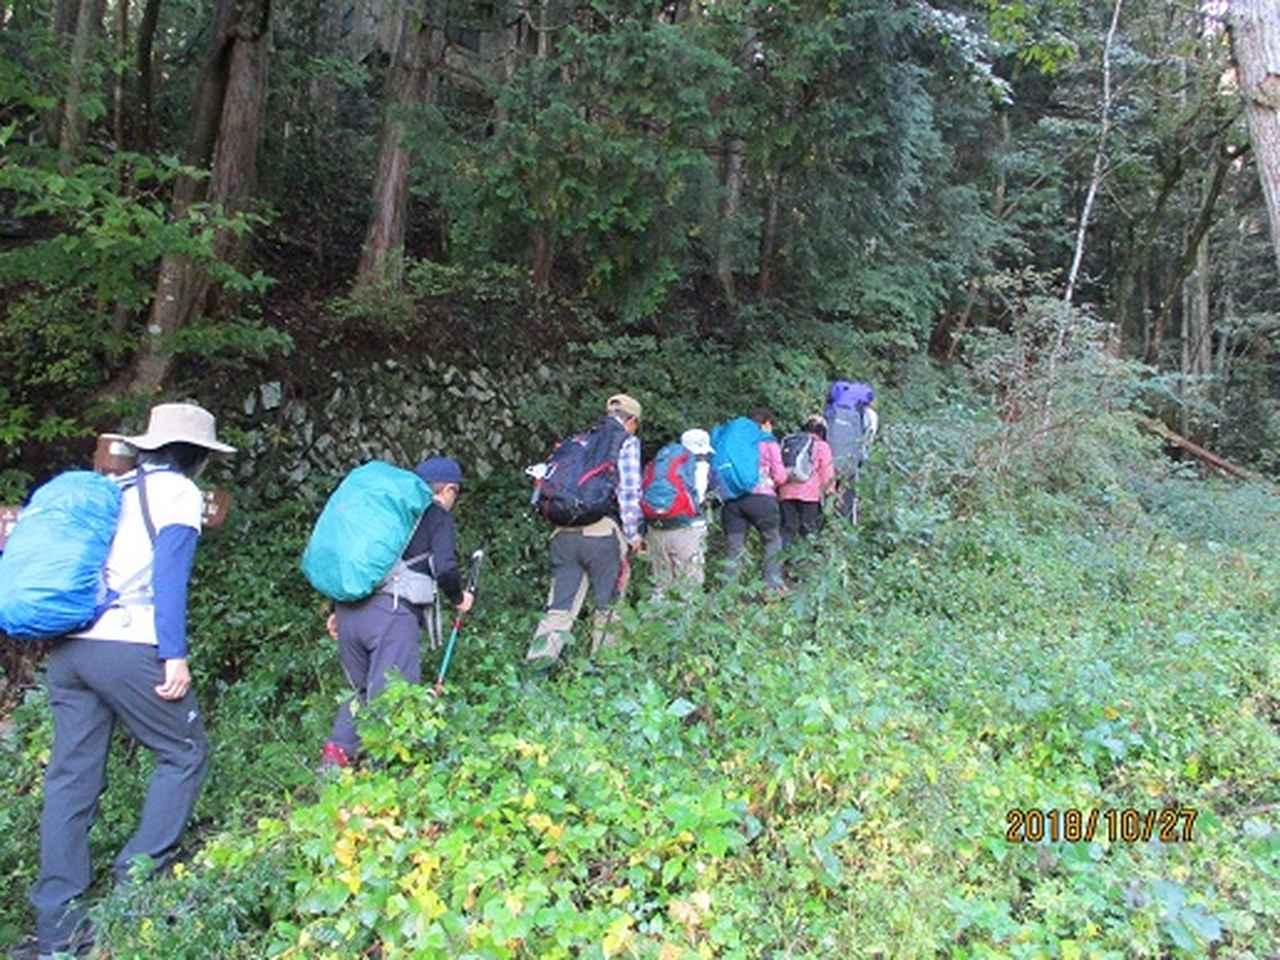 画像1: 【山旅会・登山ガイドこだわりツアー】岡田ガイドからの便り・浅間峠から生藤山ツアーにいってまいりました!